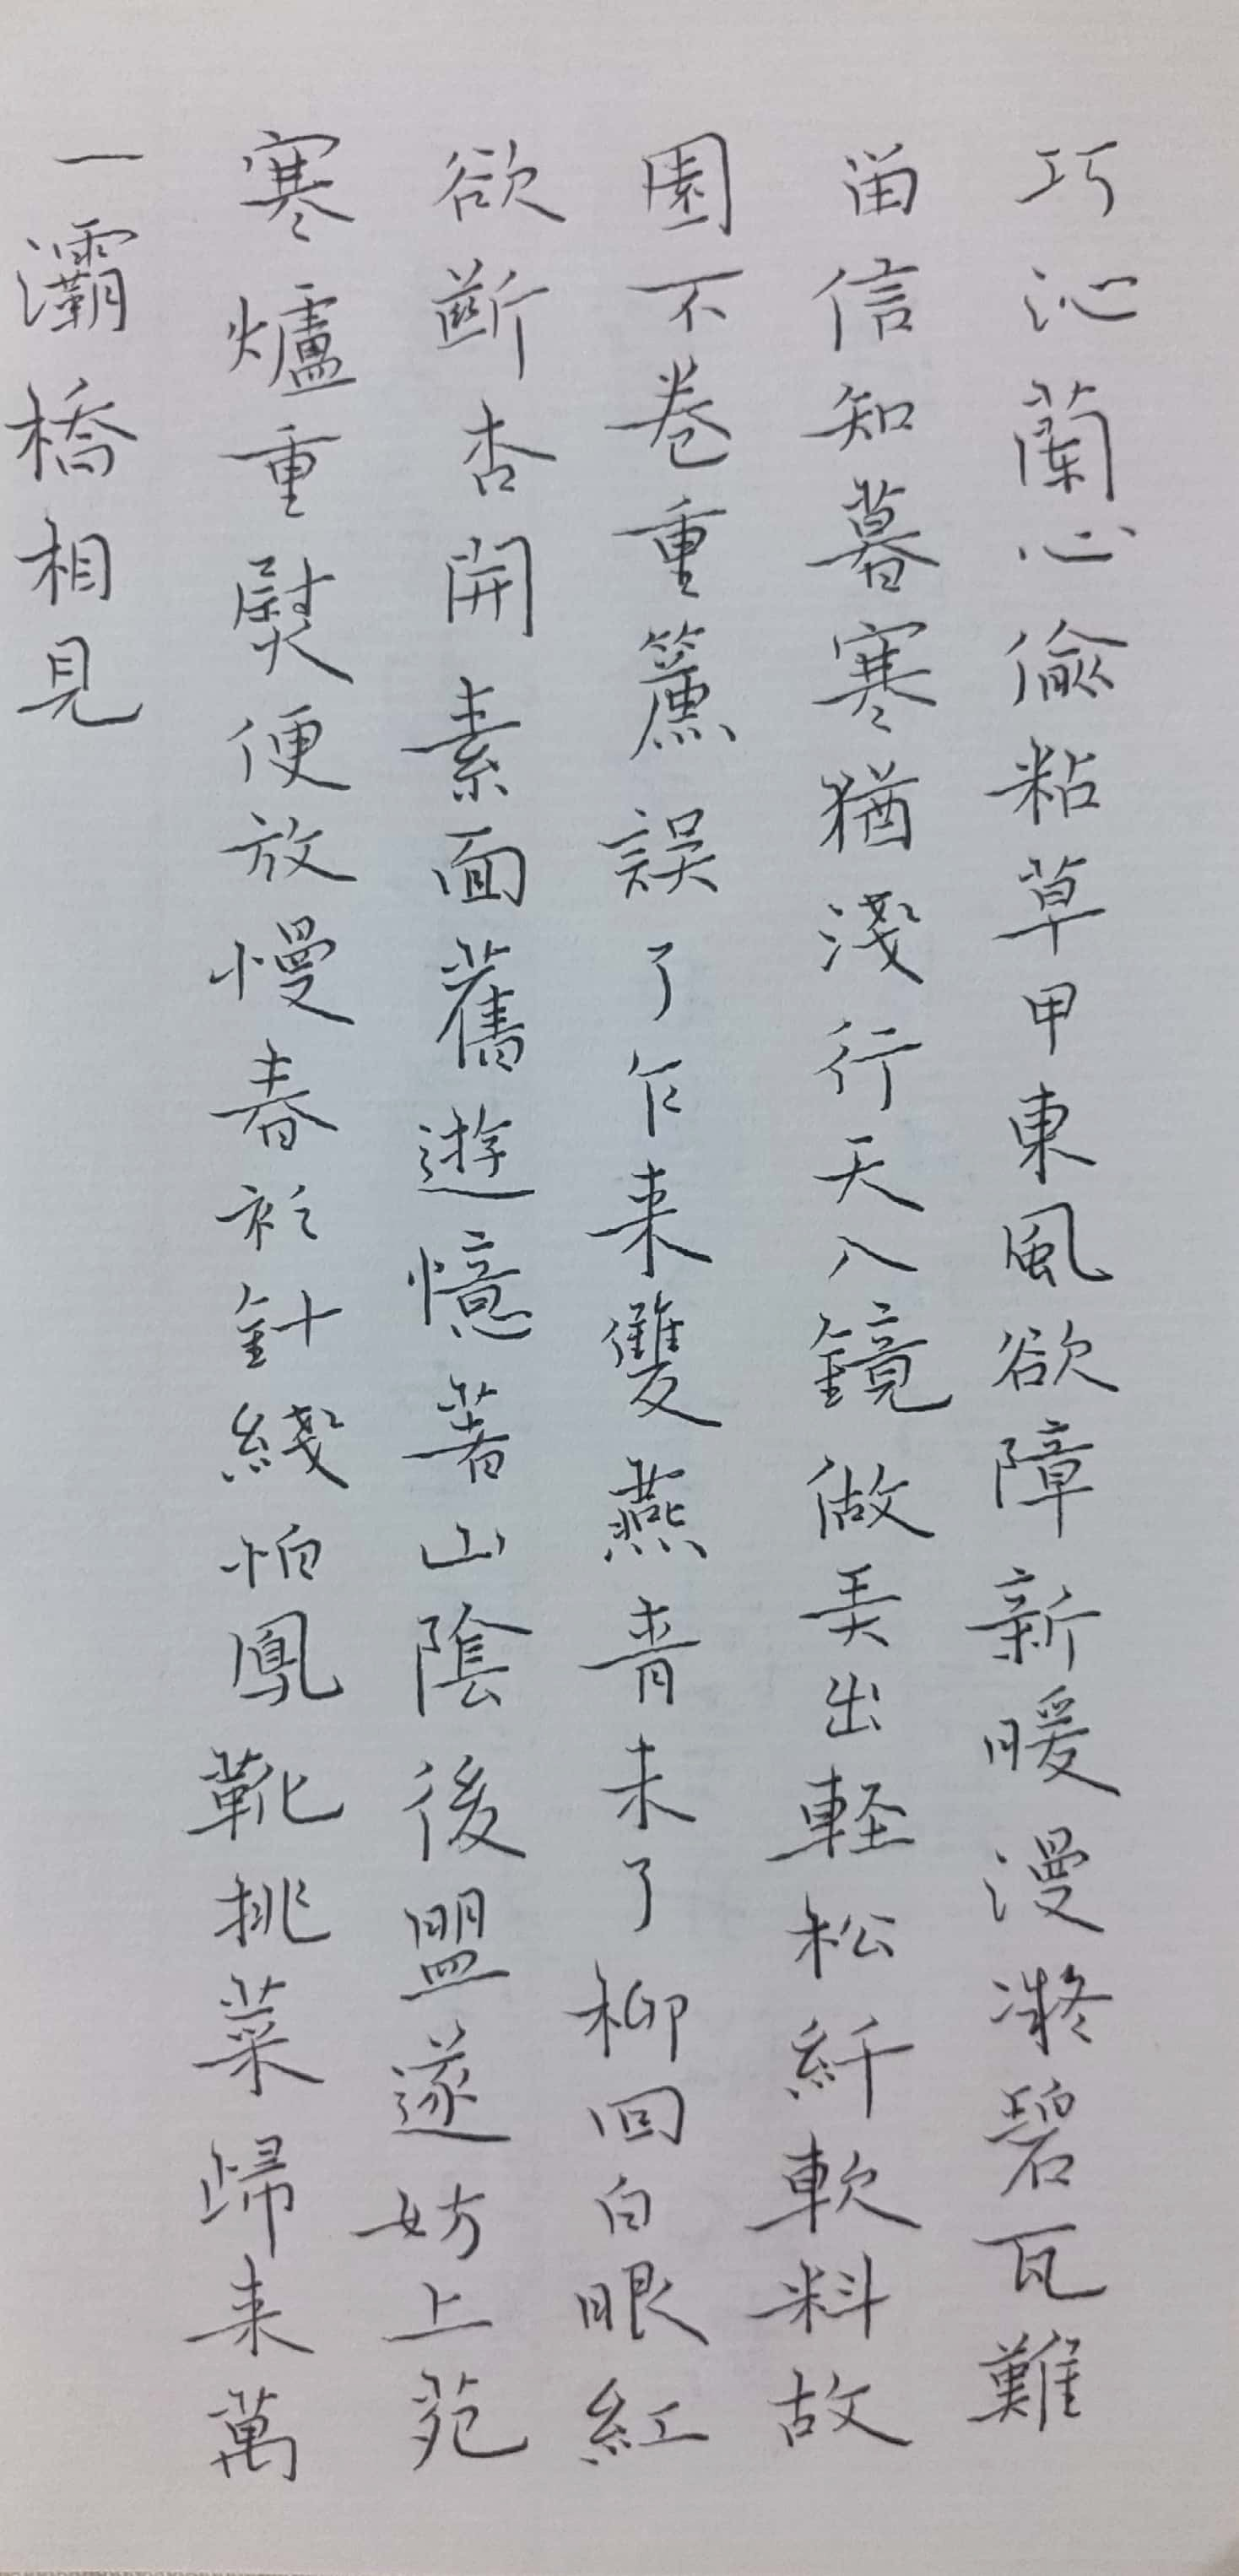 钢笔书法练字打卡20210511-02